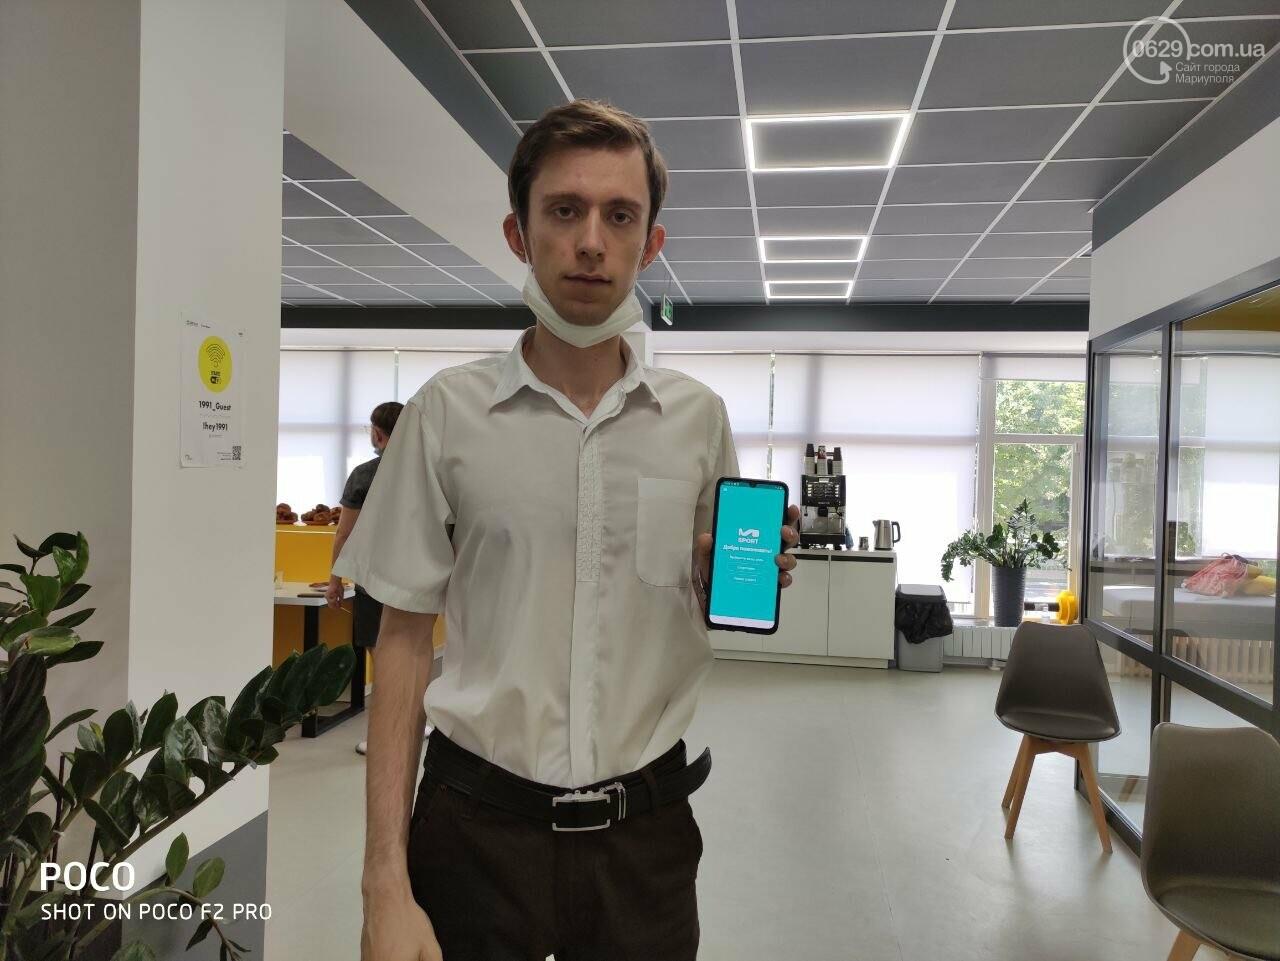 В Мариуполе стартаперы получили 100 тысяч гривен на создание уникального сервиса, - ФОТО, фото-3